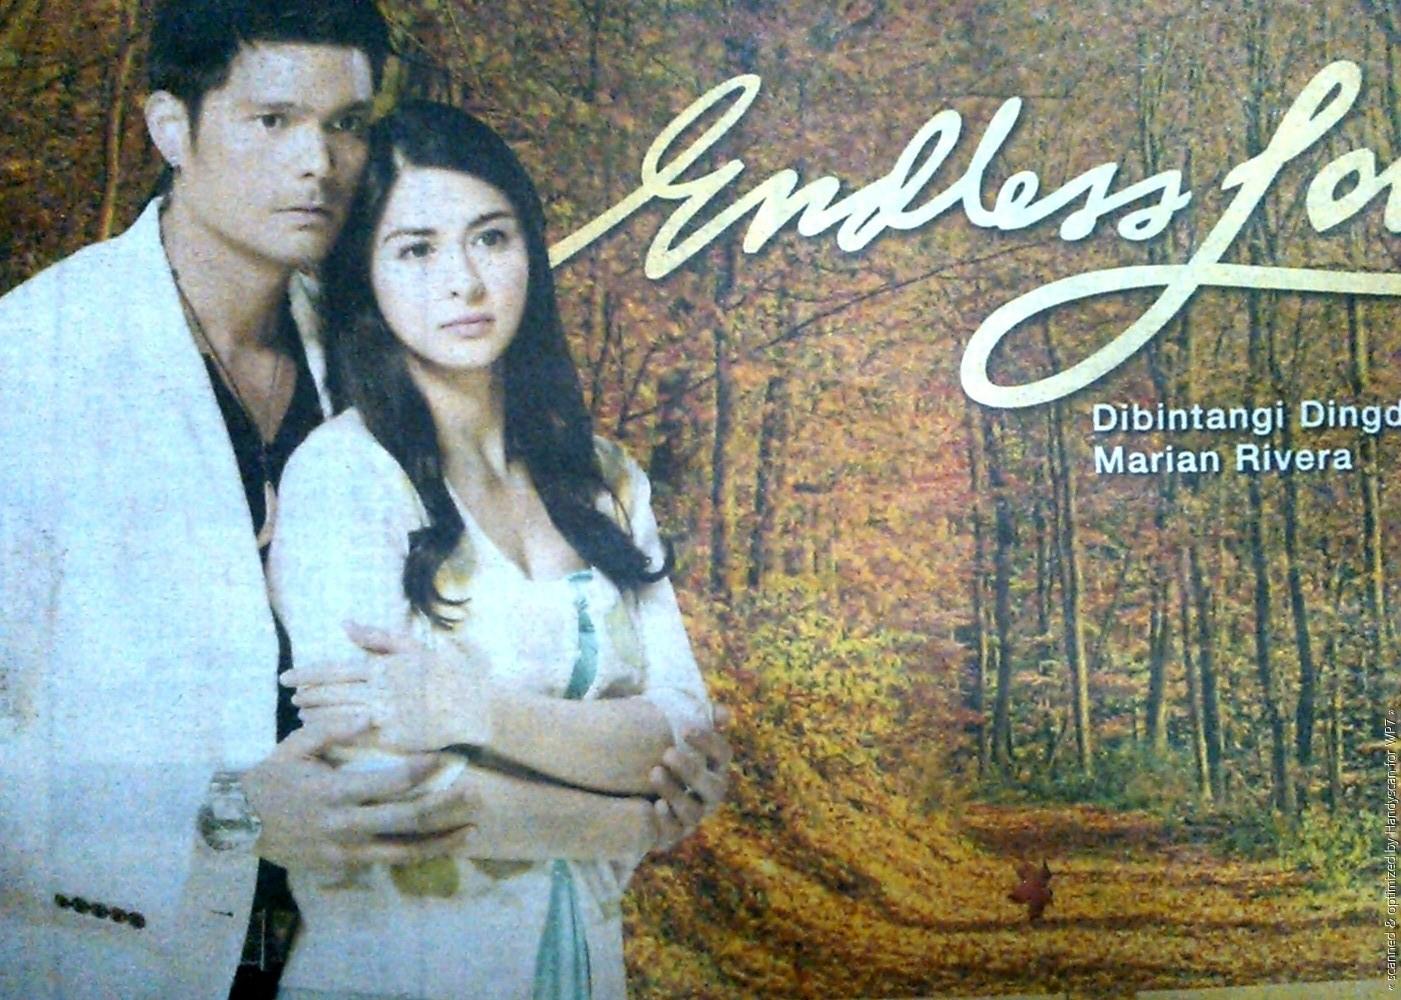 Jujurnya saya tak tau macamana boleh stuck dengan cerita ENDLESS LOVE